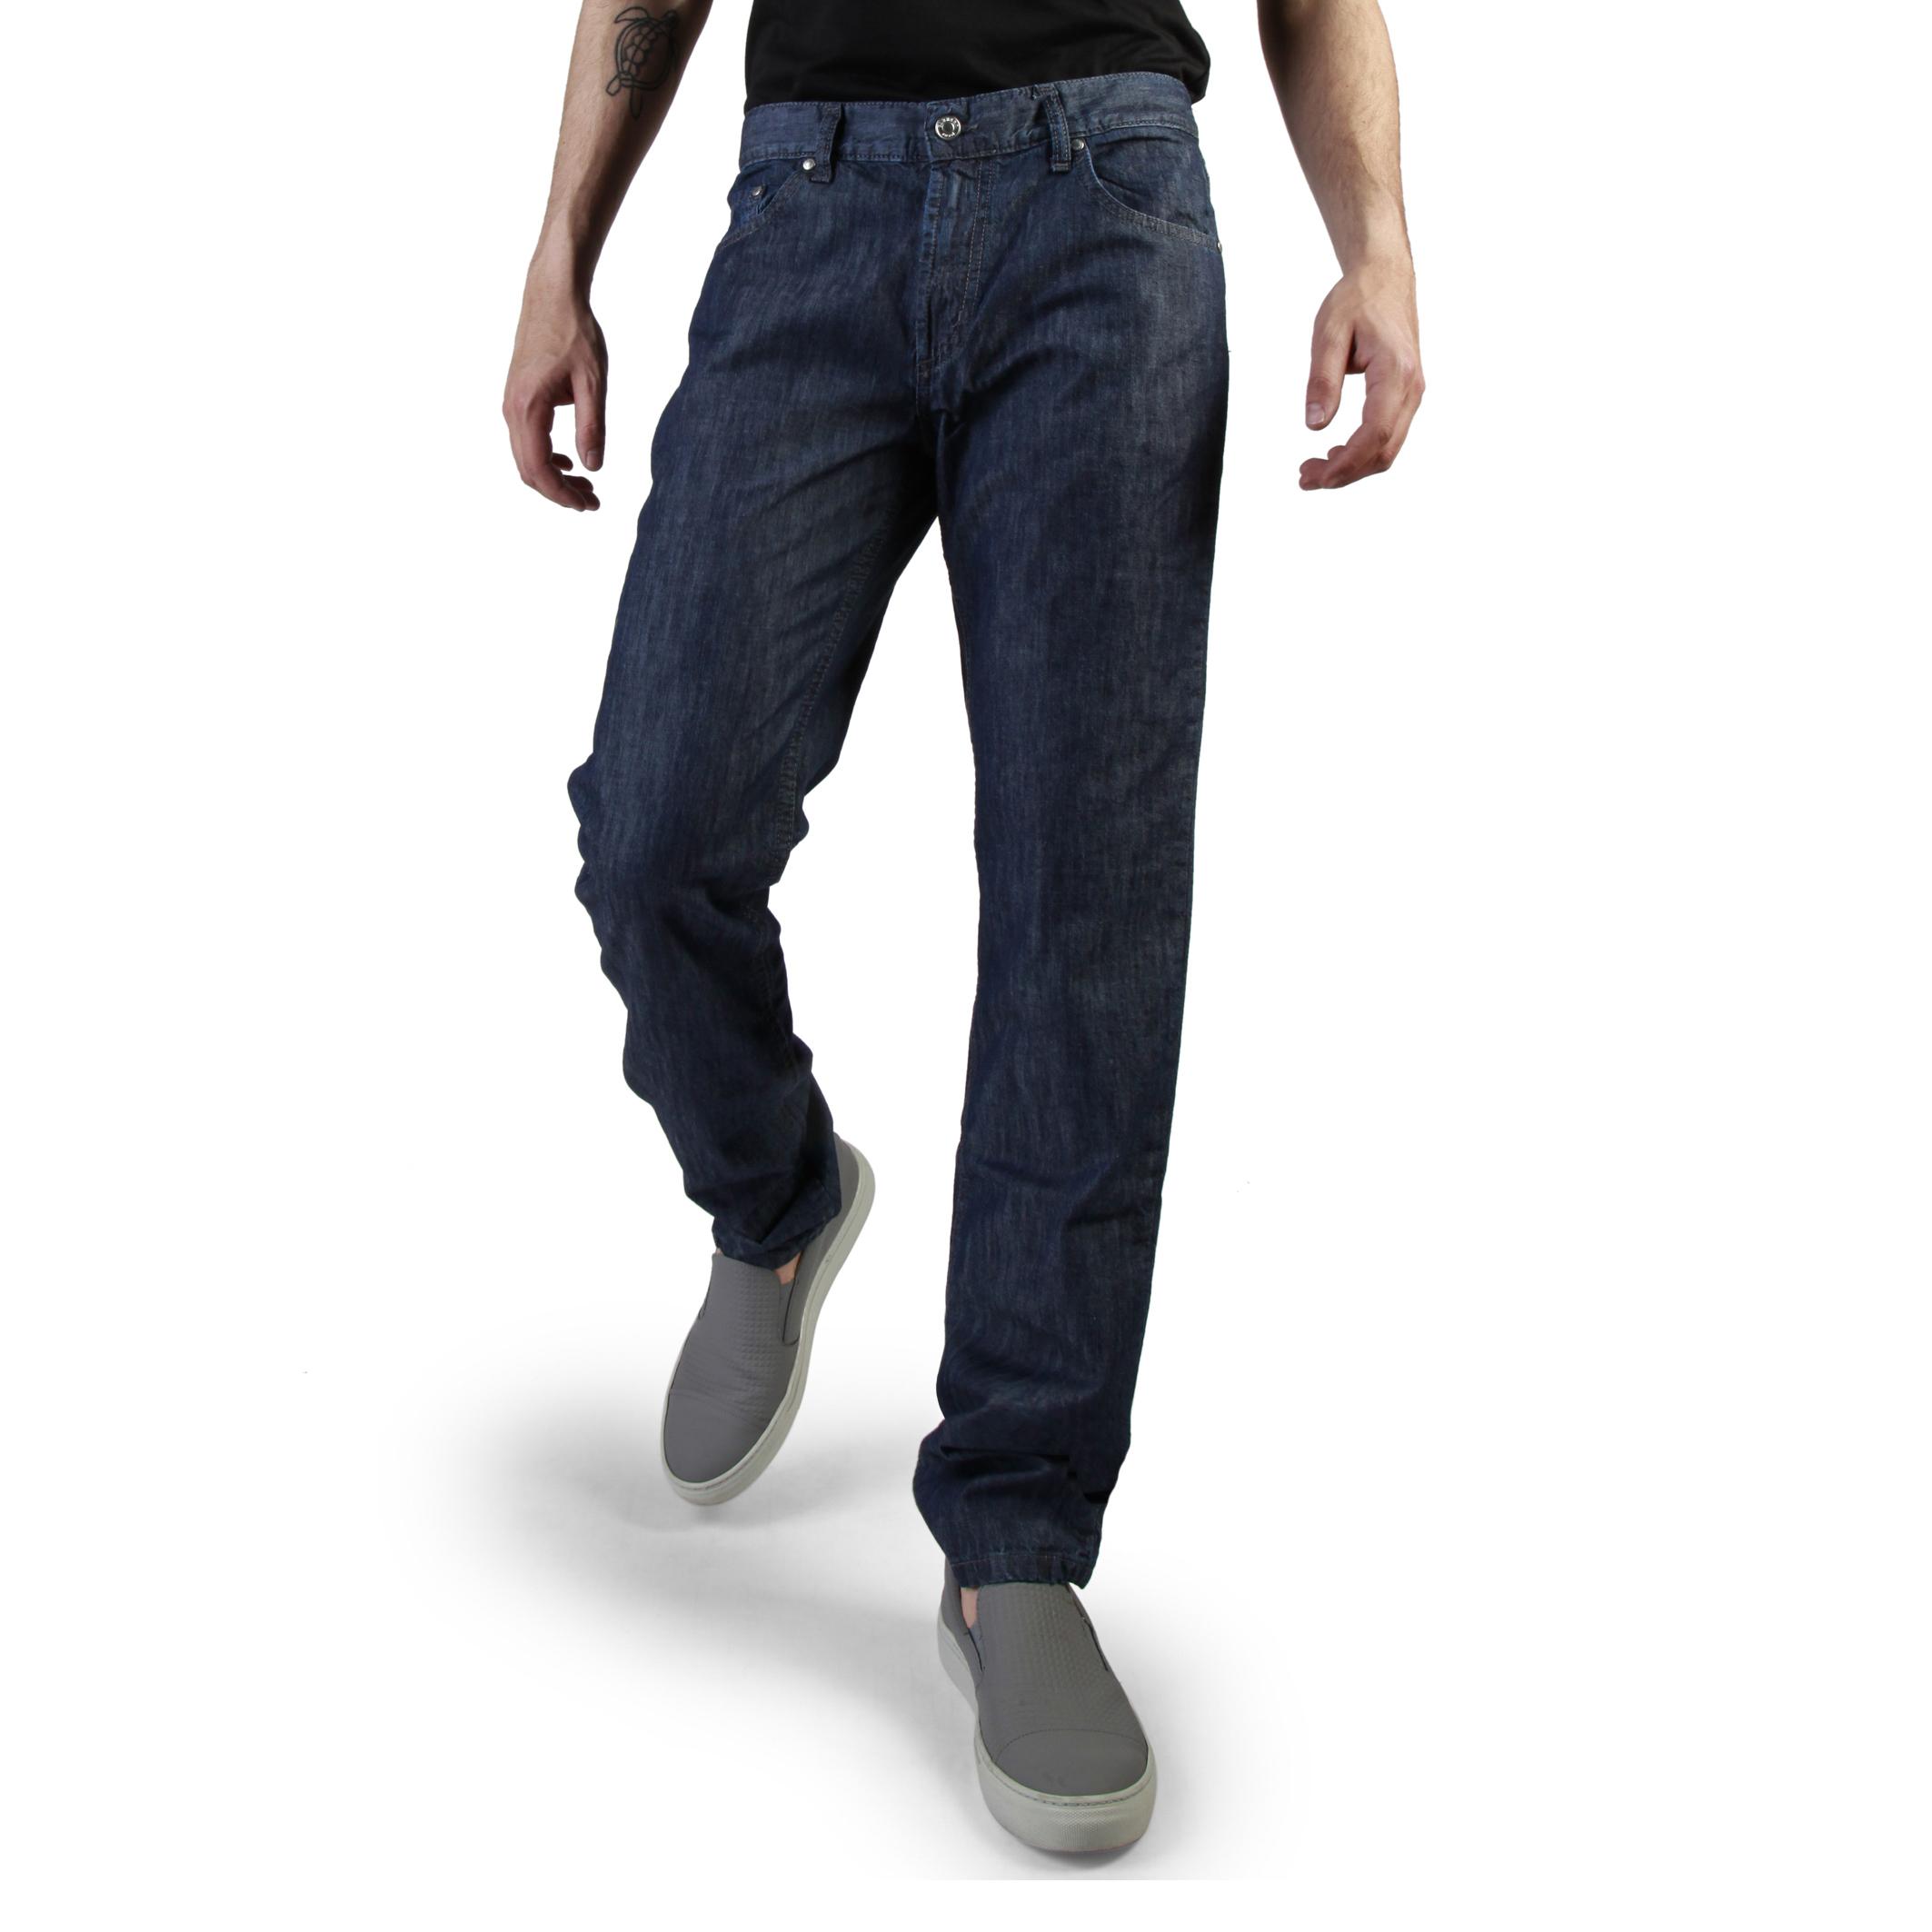 Jeans Carrera Jeans 000700_1041A Uomo Blu 90999